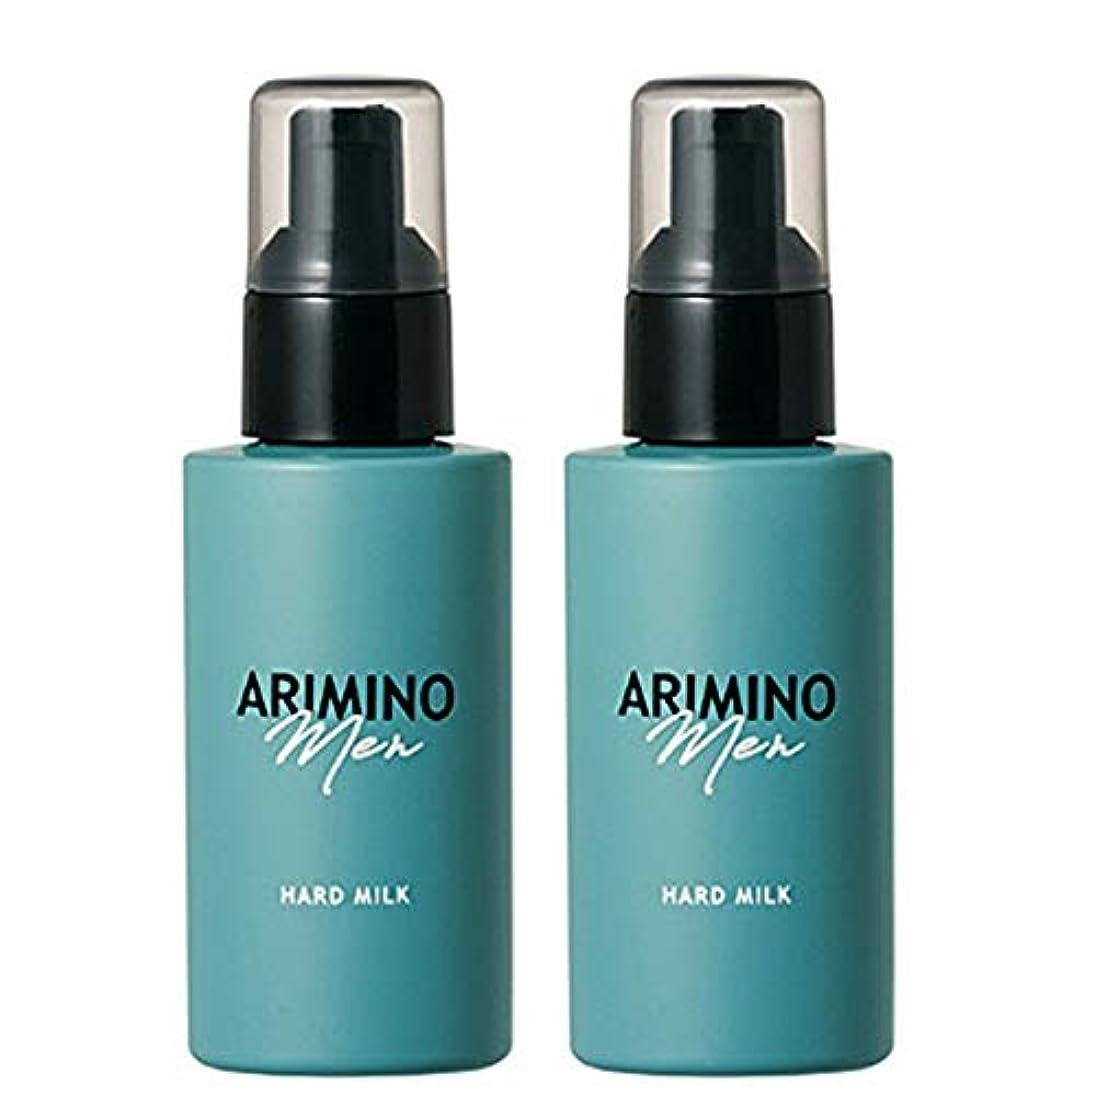 ハイランドマーカー送信するアリミノ メン ハード ミルク 100g ×2個 セット arimino men